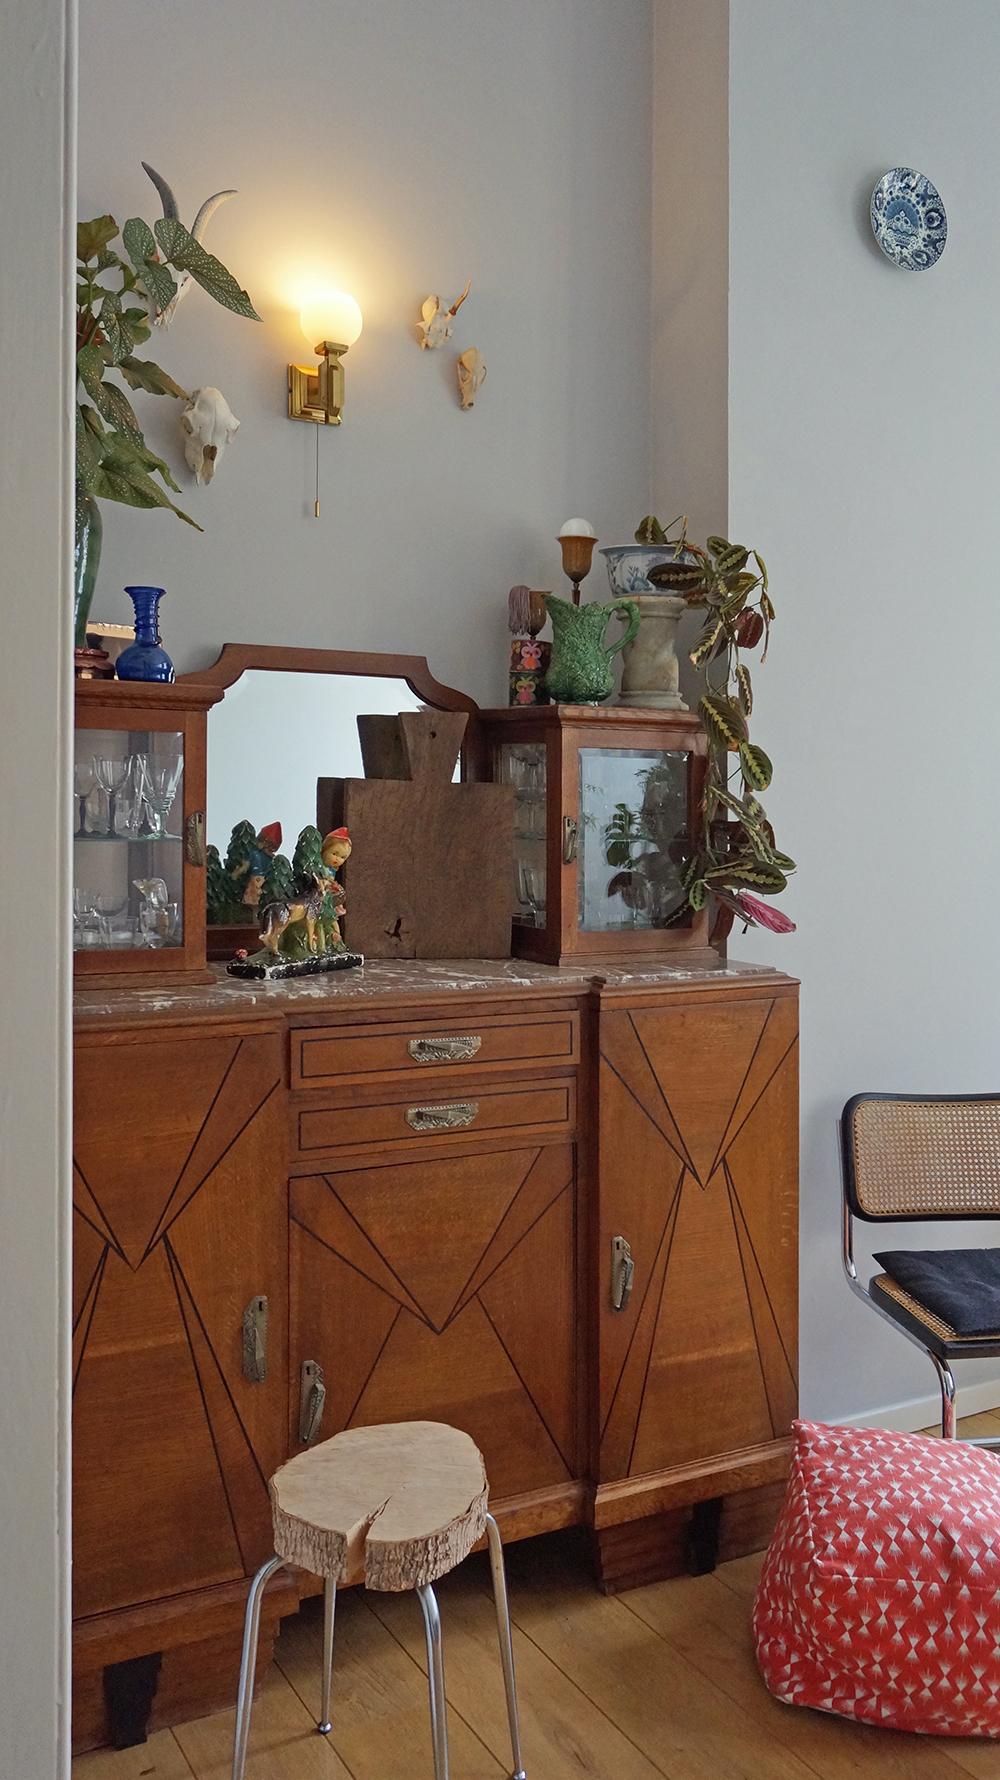 de-art-deco-buffetkast-in-de-eetkamer-is-voor-keukenspullen-die-we-minder-vaak-gebruiken-en-voor-de-glasverzameling-let-op-het-roodkapje-beeldje